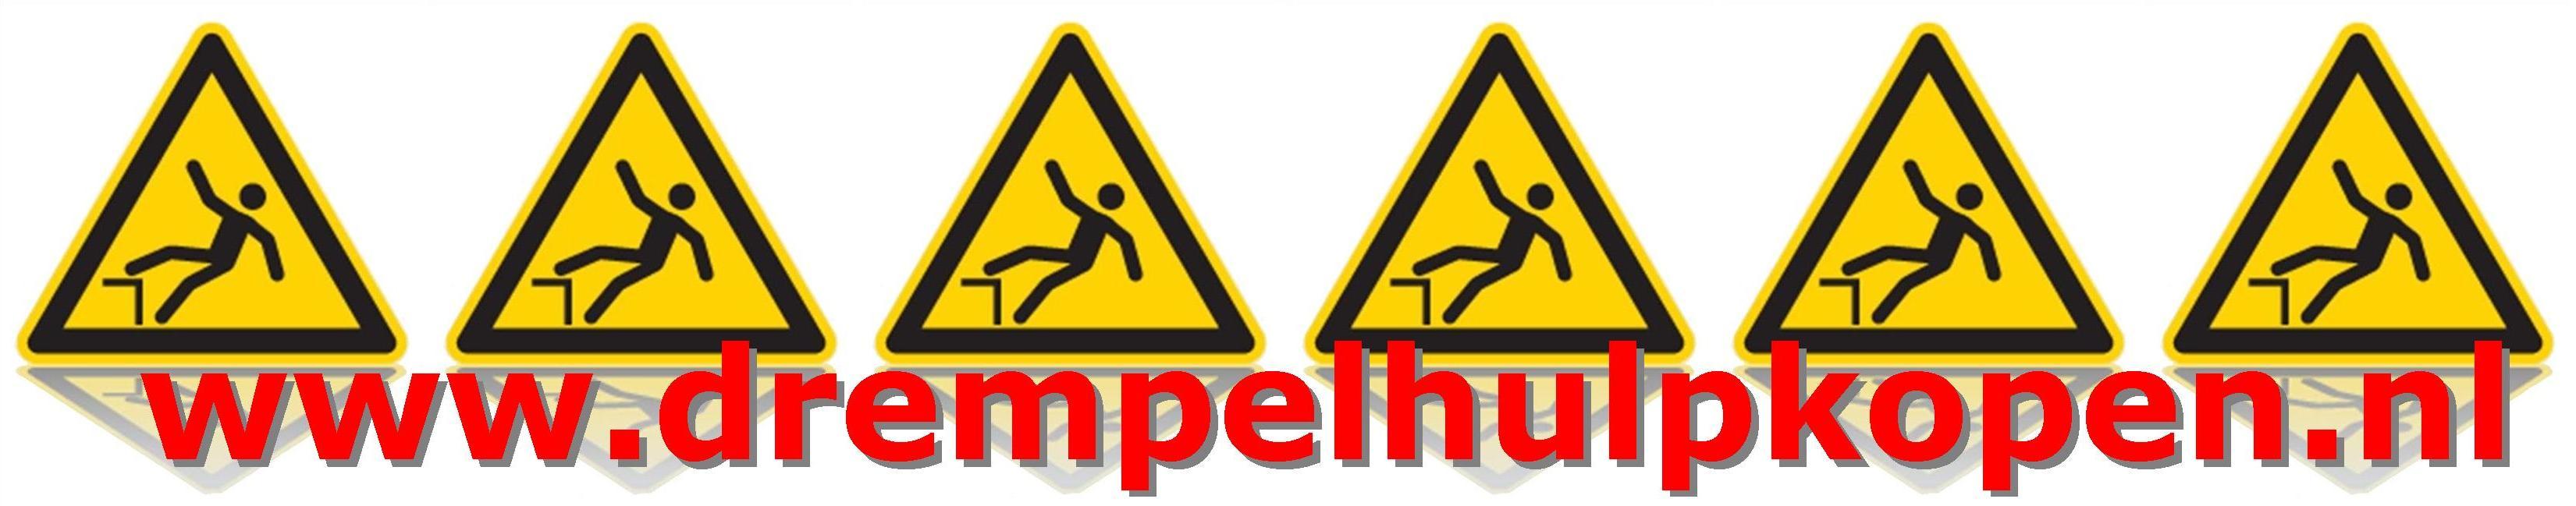 Logo www.drempelhulpkopen.nl